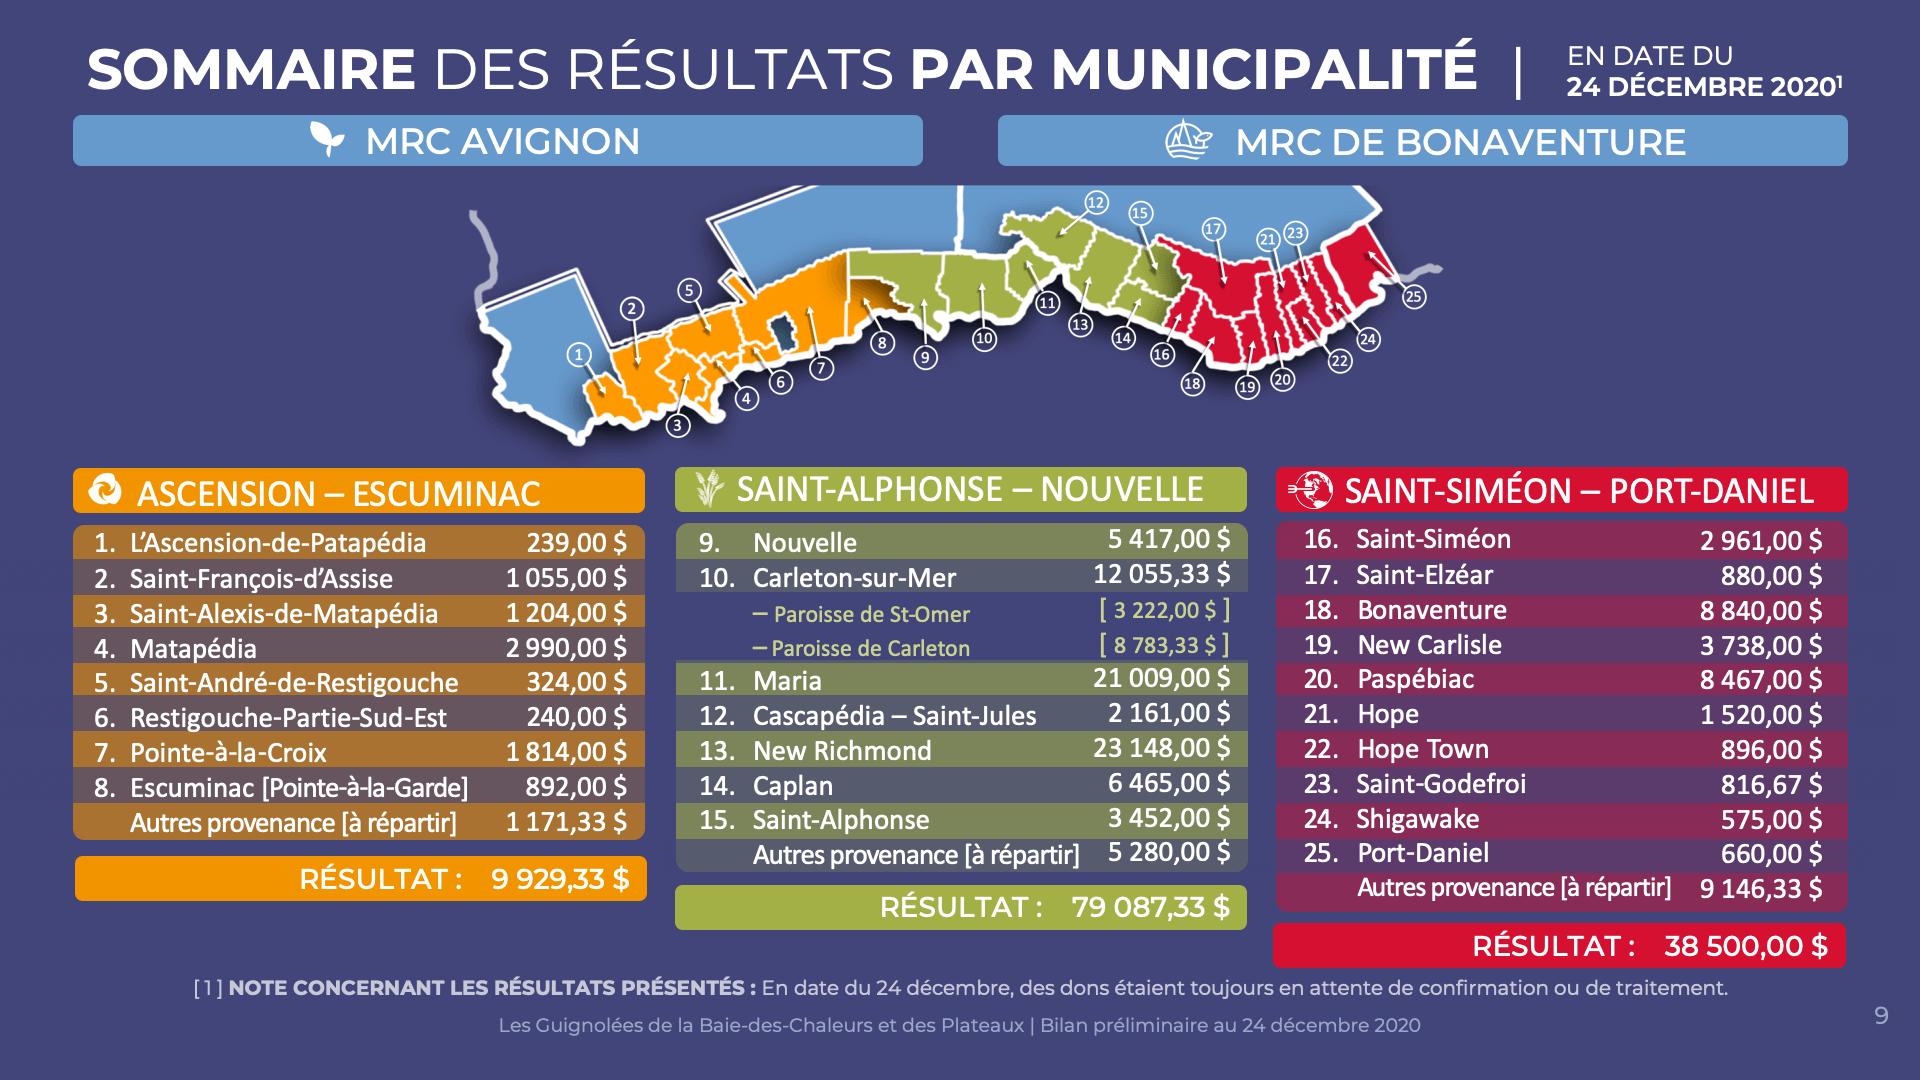 Comparatif des résultats par municipalité | 24 décembre 2020